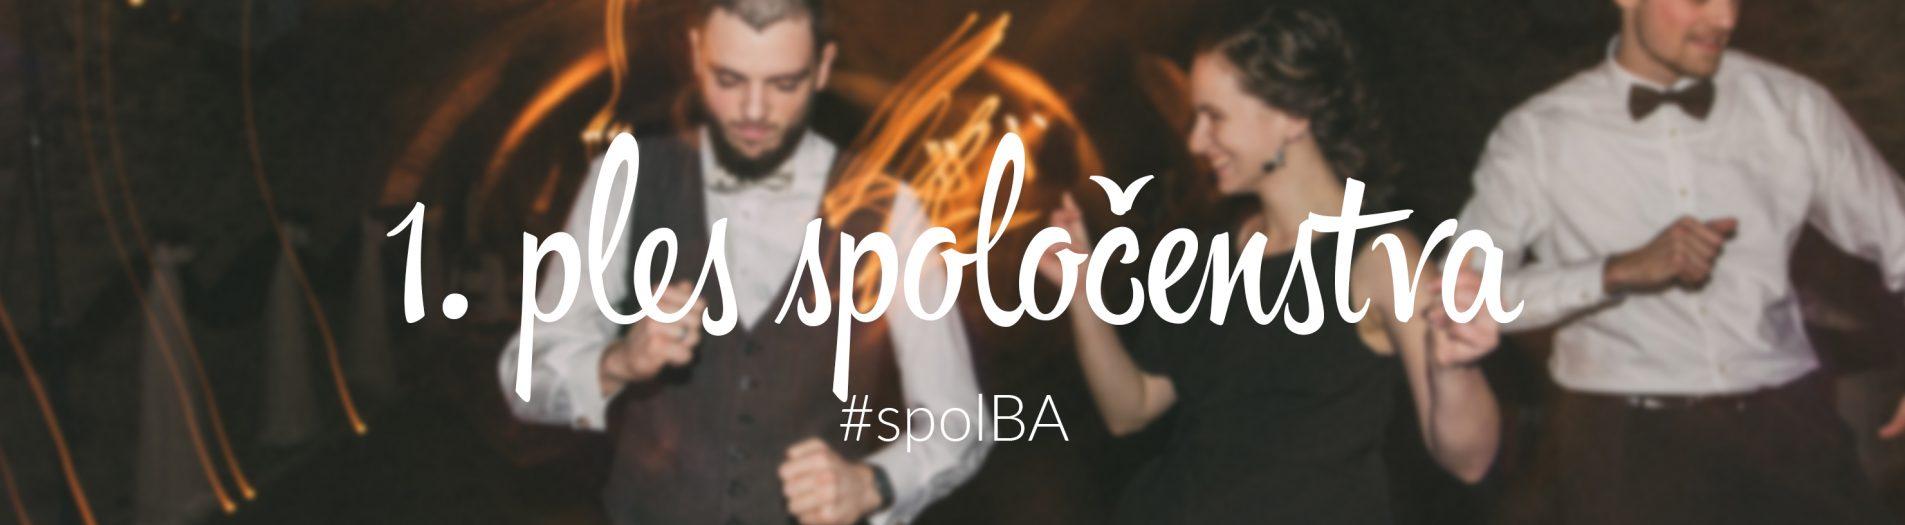 1. ples #spolBA